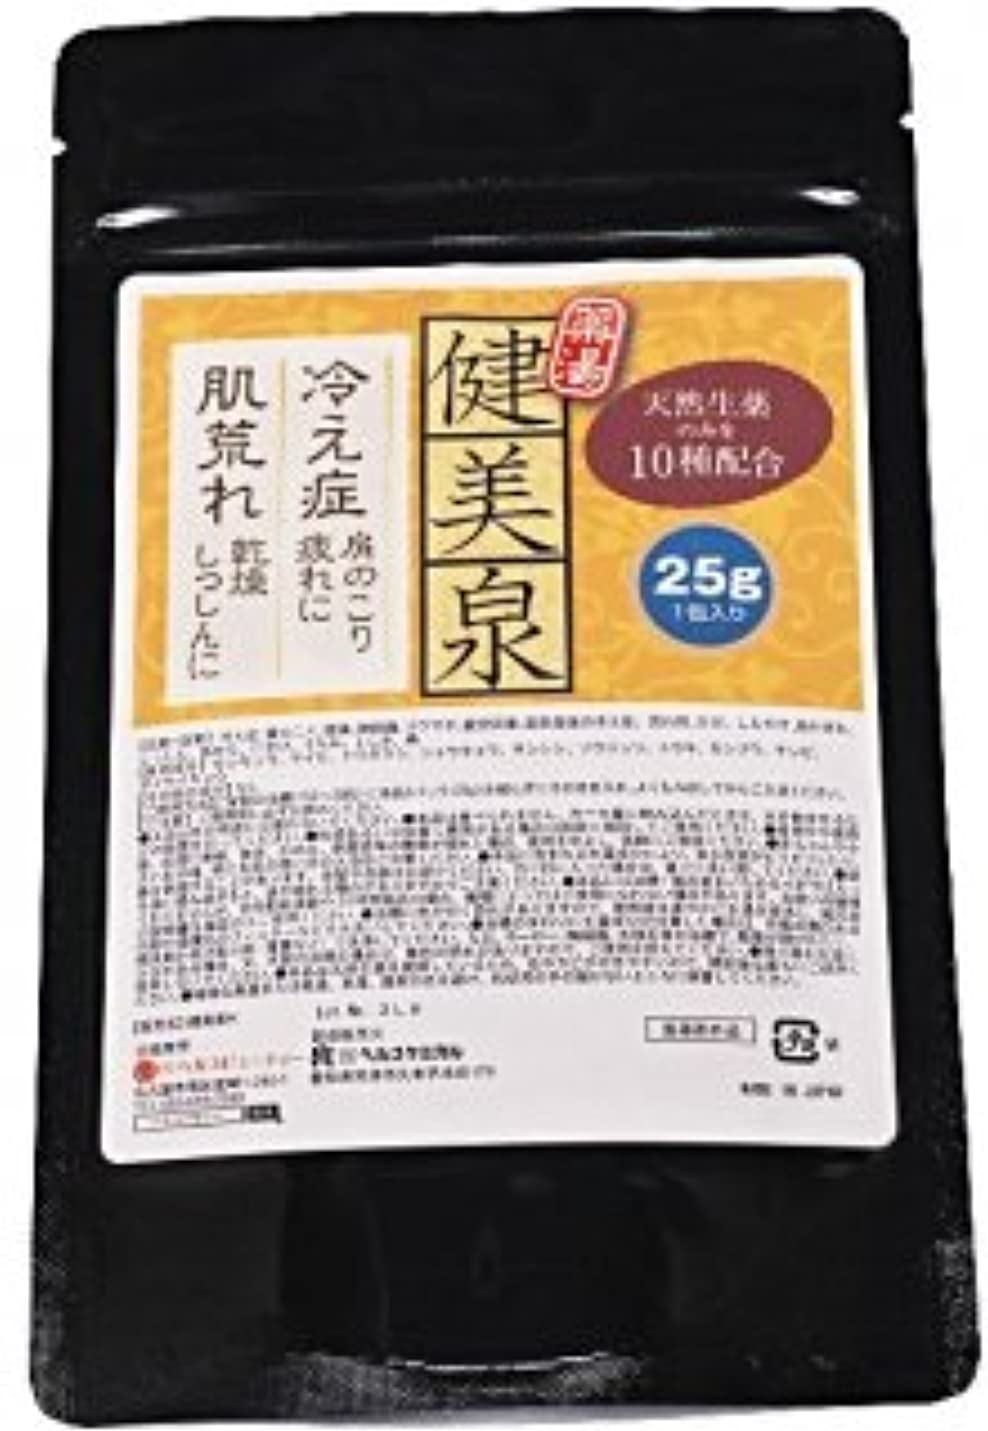 ラップトップ件名インタネットを見る健美泉 1回分 刻み 生薬 薬湯 分包 タイプ 天然生薬 の 香り 医薬部外品